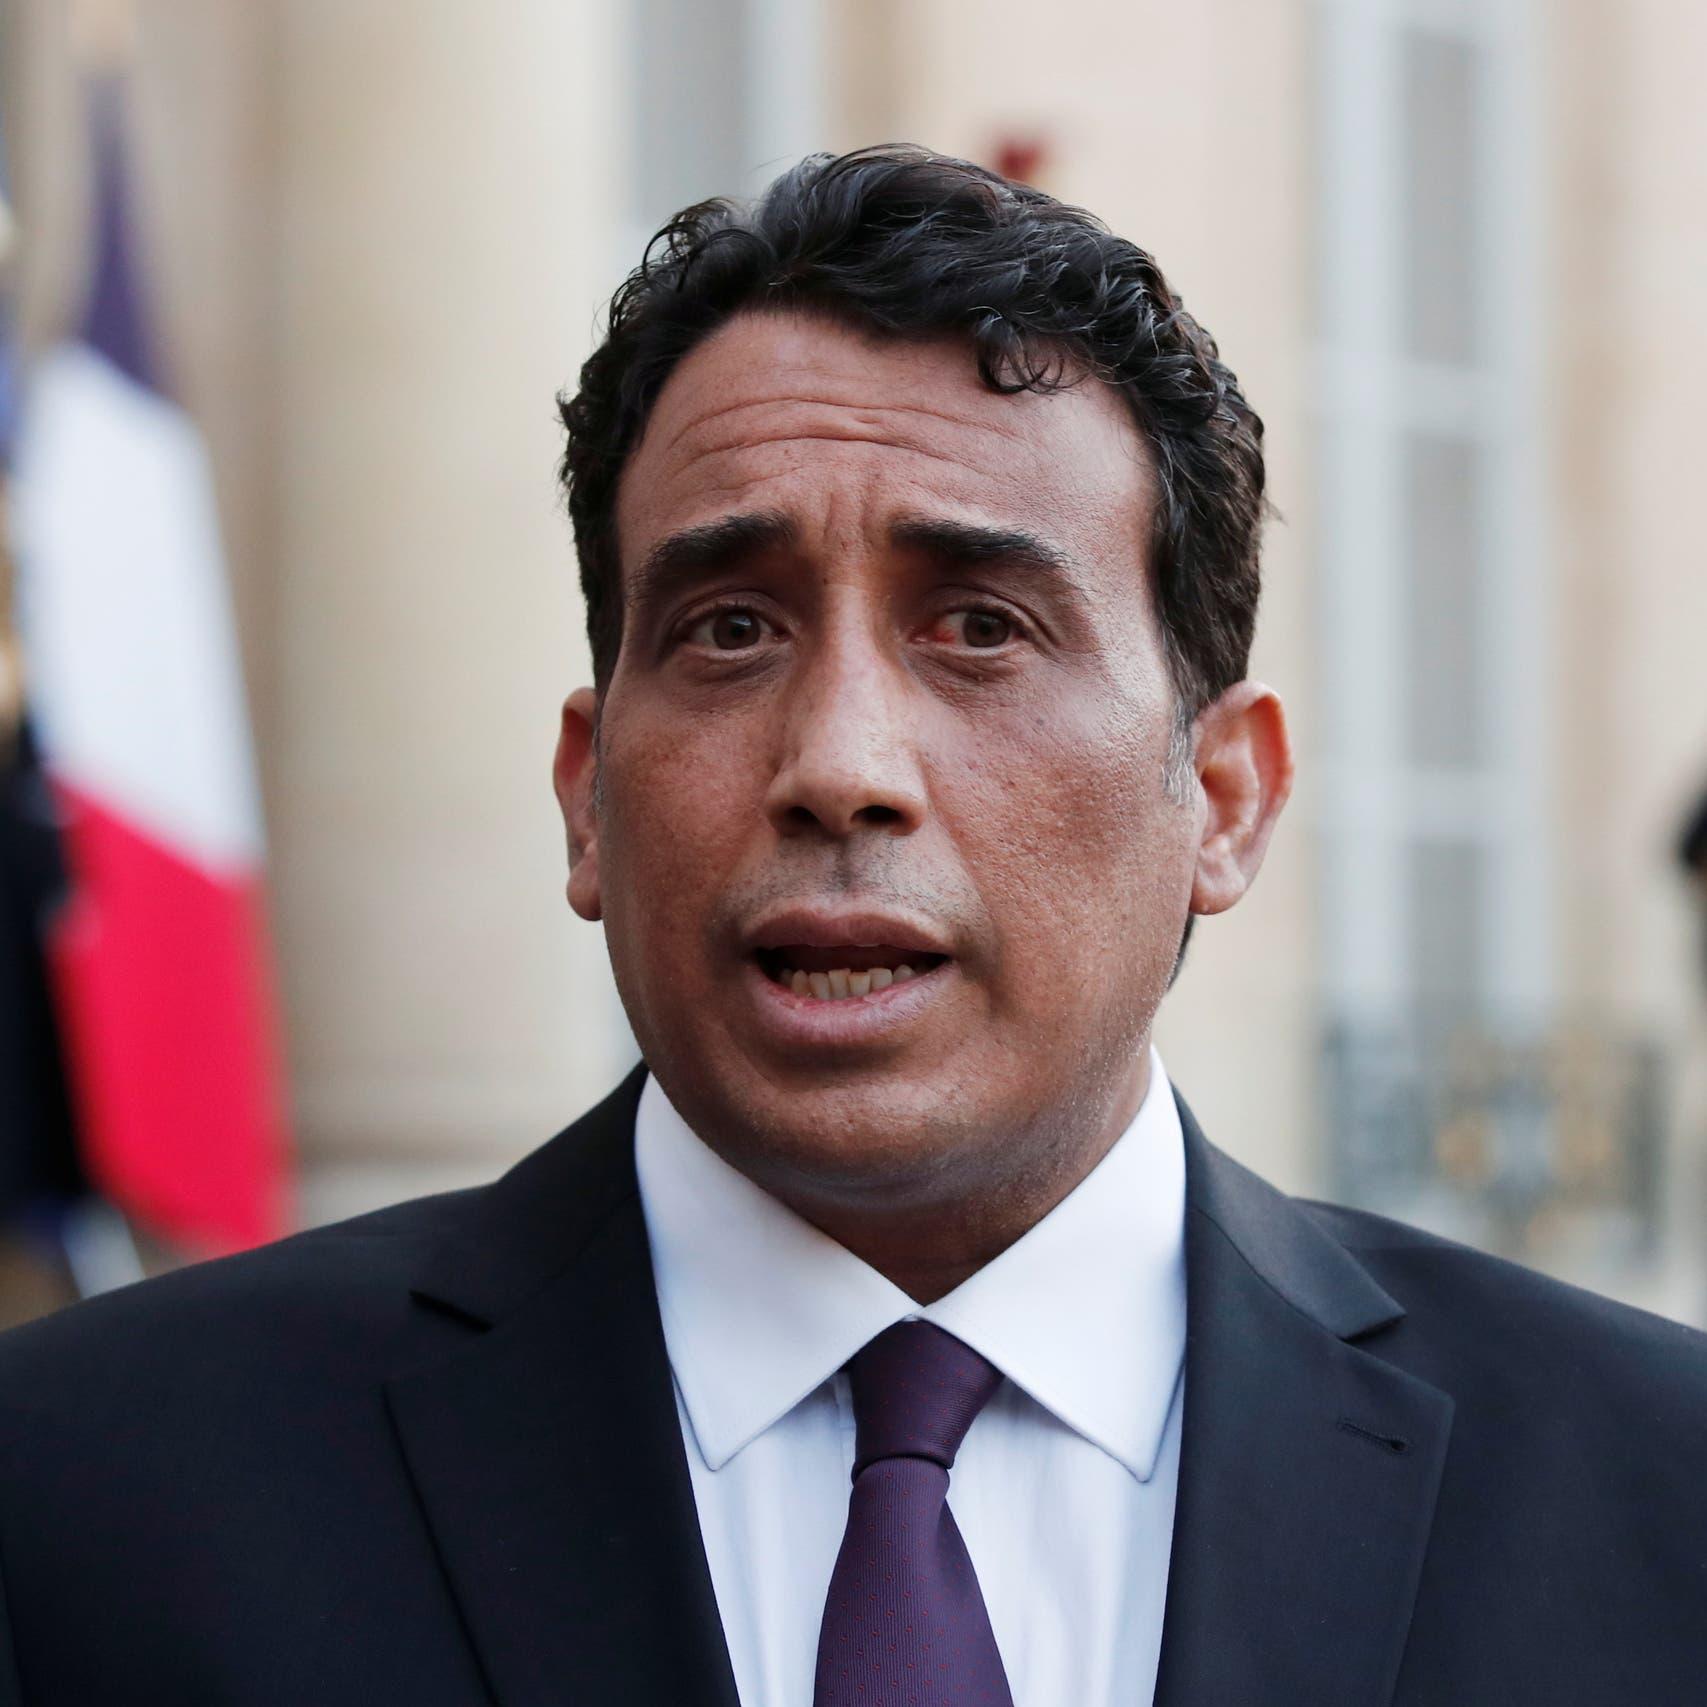 المجلس الرئاسي الليبي: مرحلة جديدة لتوحيد المؤسسات العسكرية